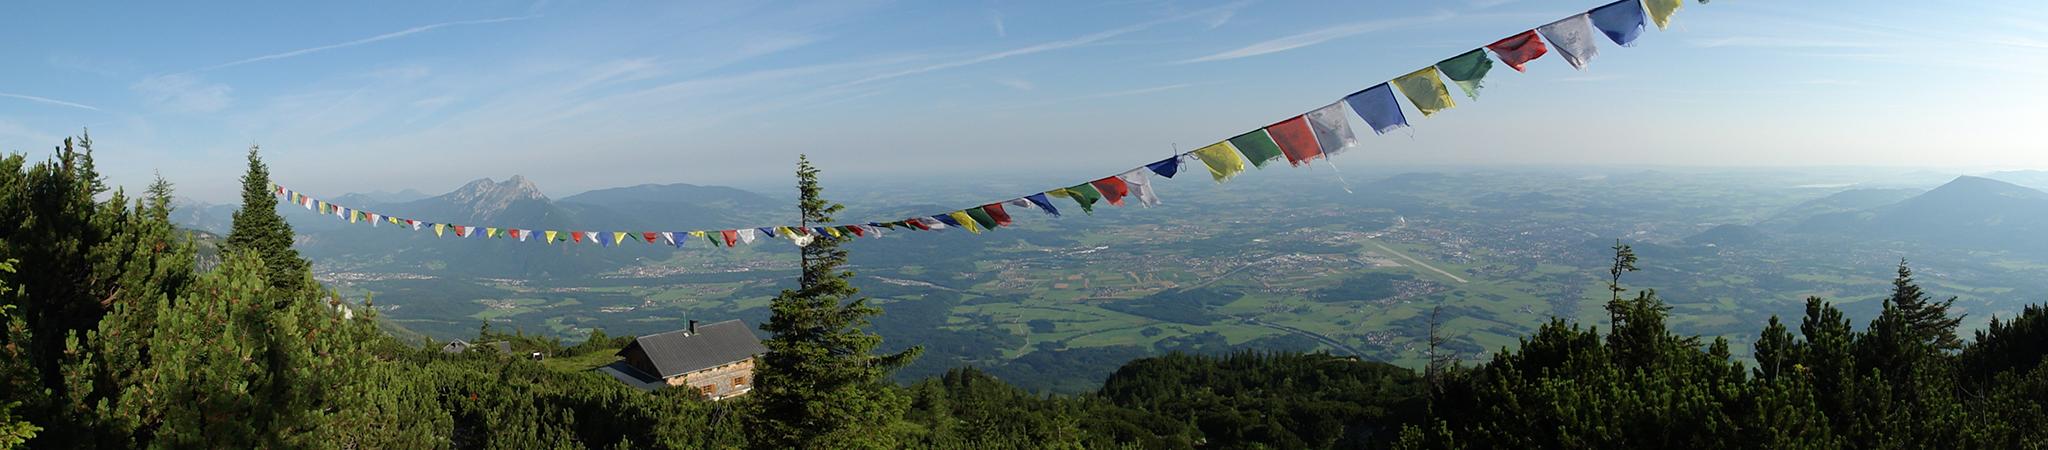 Arnoweg: Am Untersberg über dem Zeppezauer-Haus mit traumhaften Ausblick über Salzburg